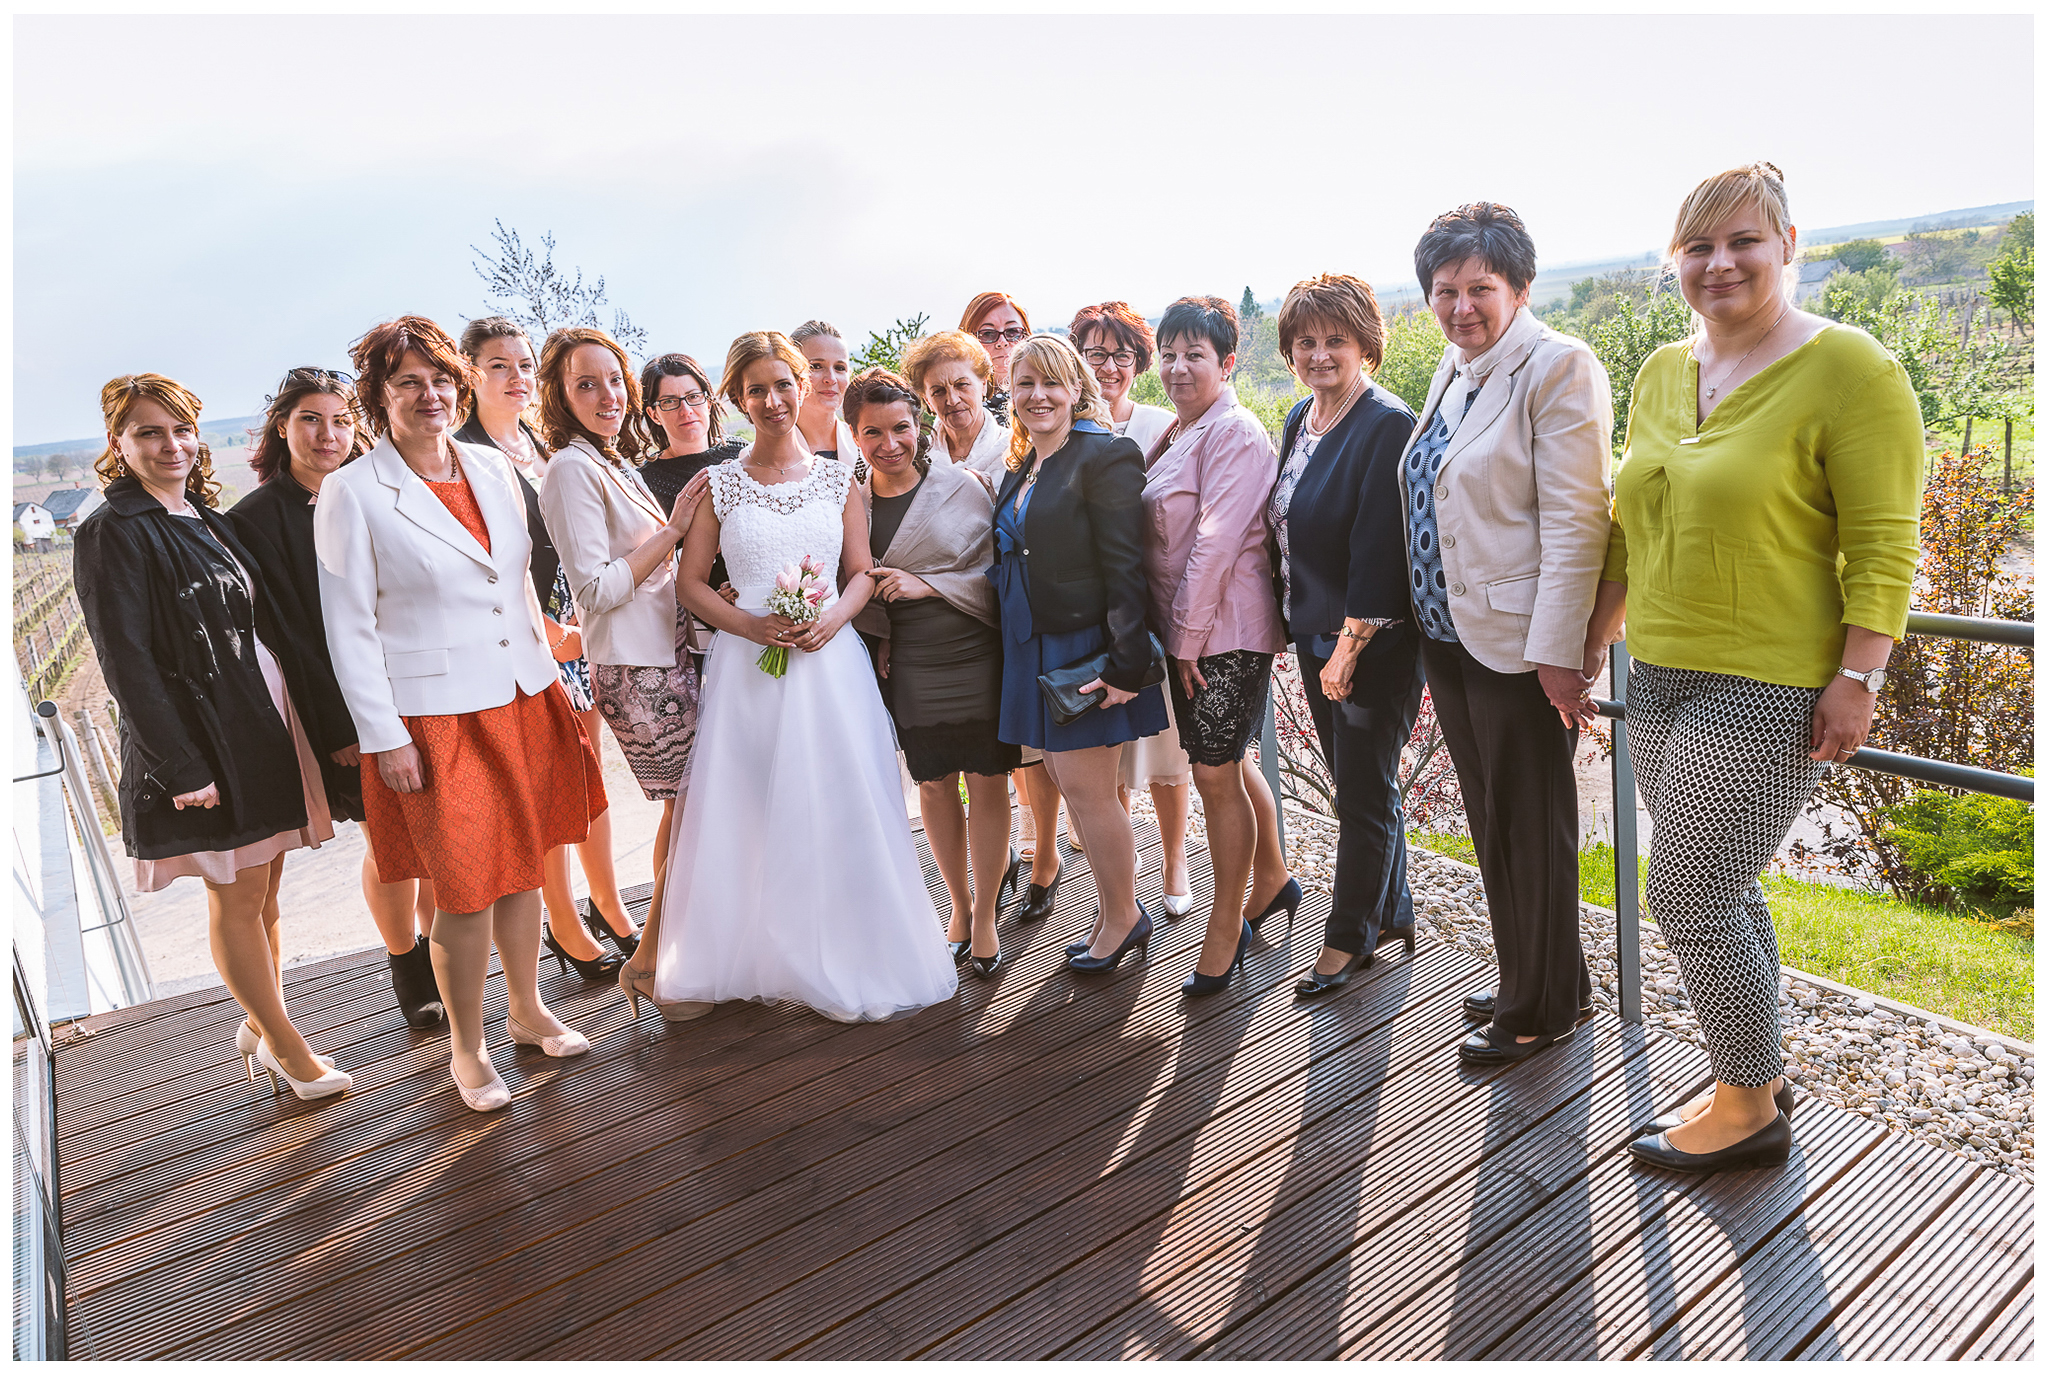 FylepPhoto, esküvőfotós, esküvői fotós Körmend, Szombathely, esküvőfotózás, magyarország, vas megye, prémium, jegyesfotózás, Fülöp Péter, körmend, kreatív, fotográfus_39.jpg